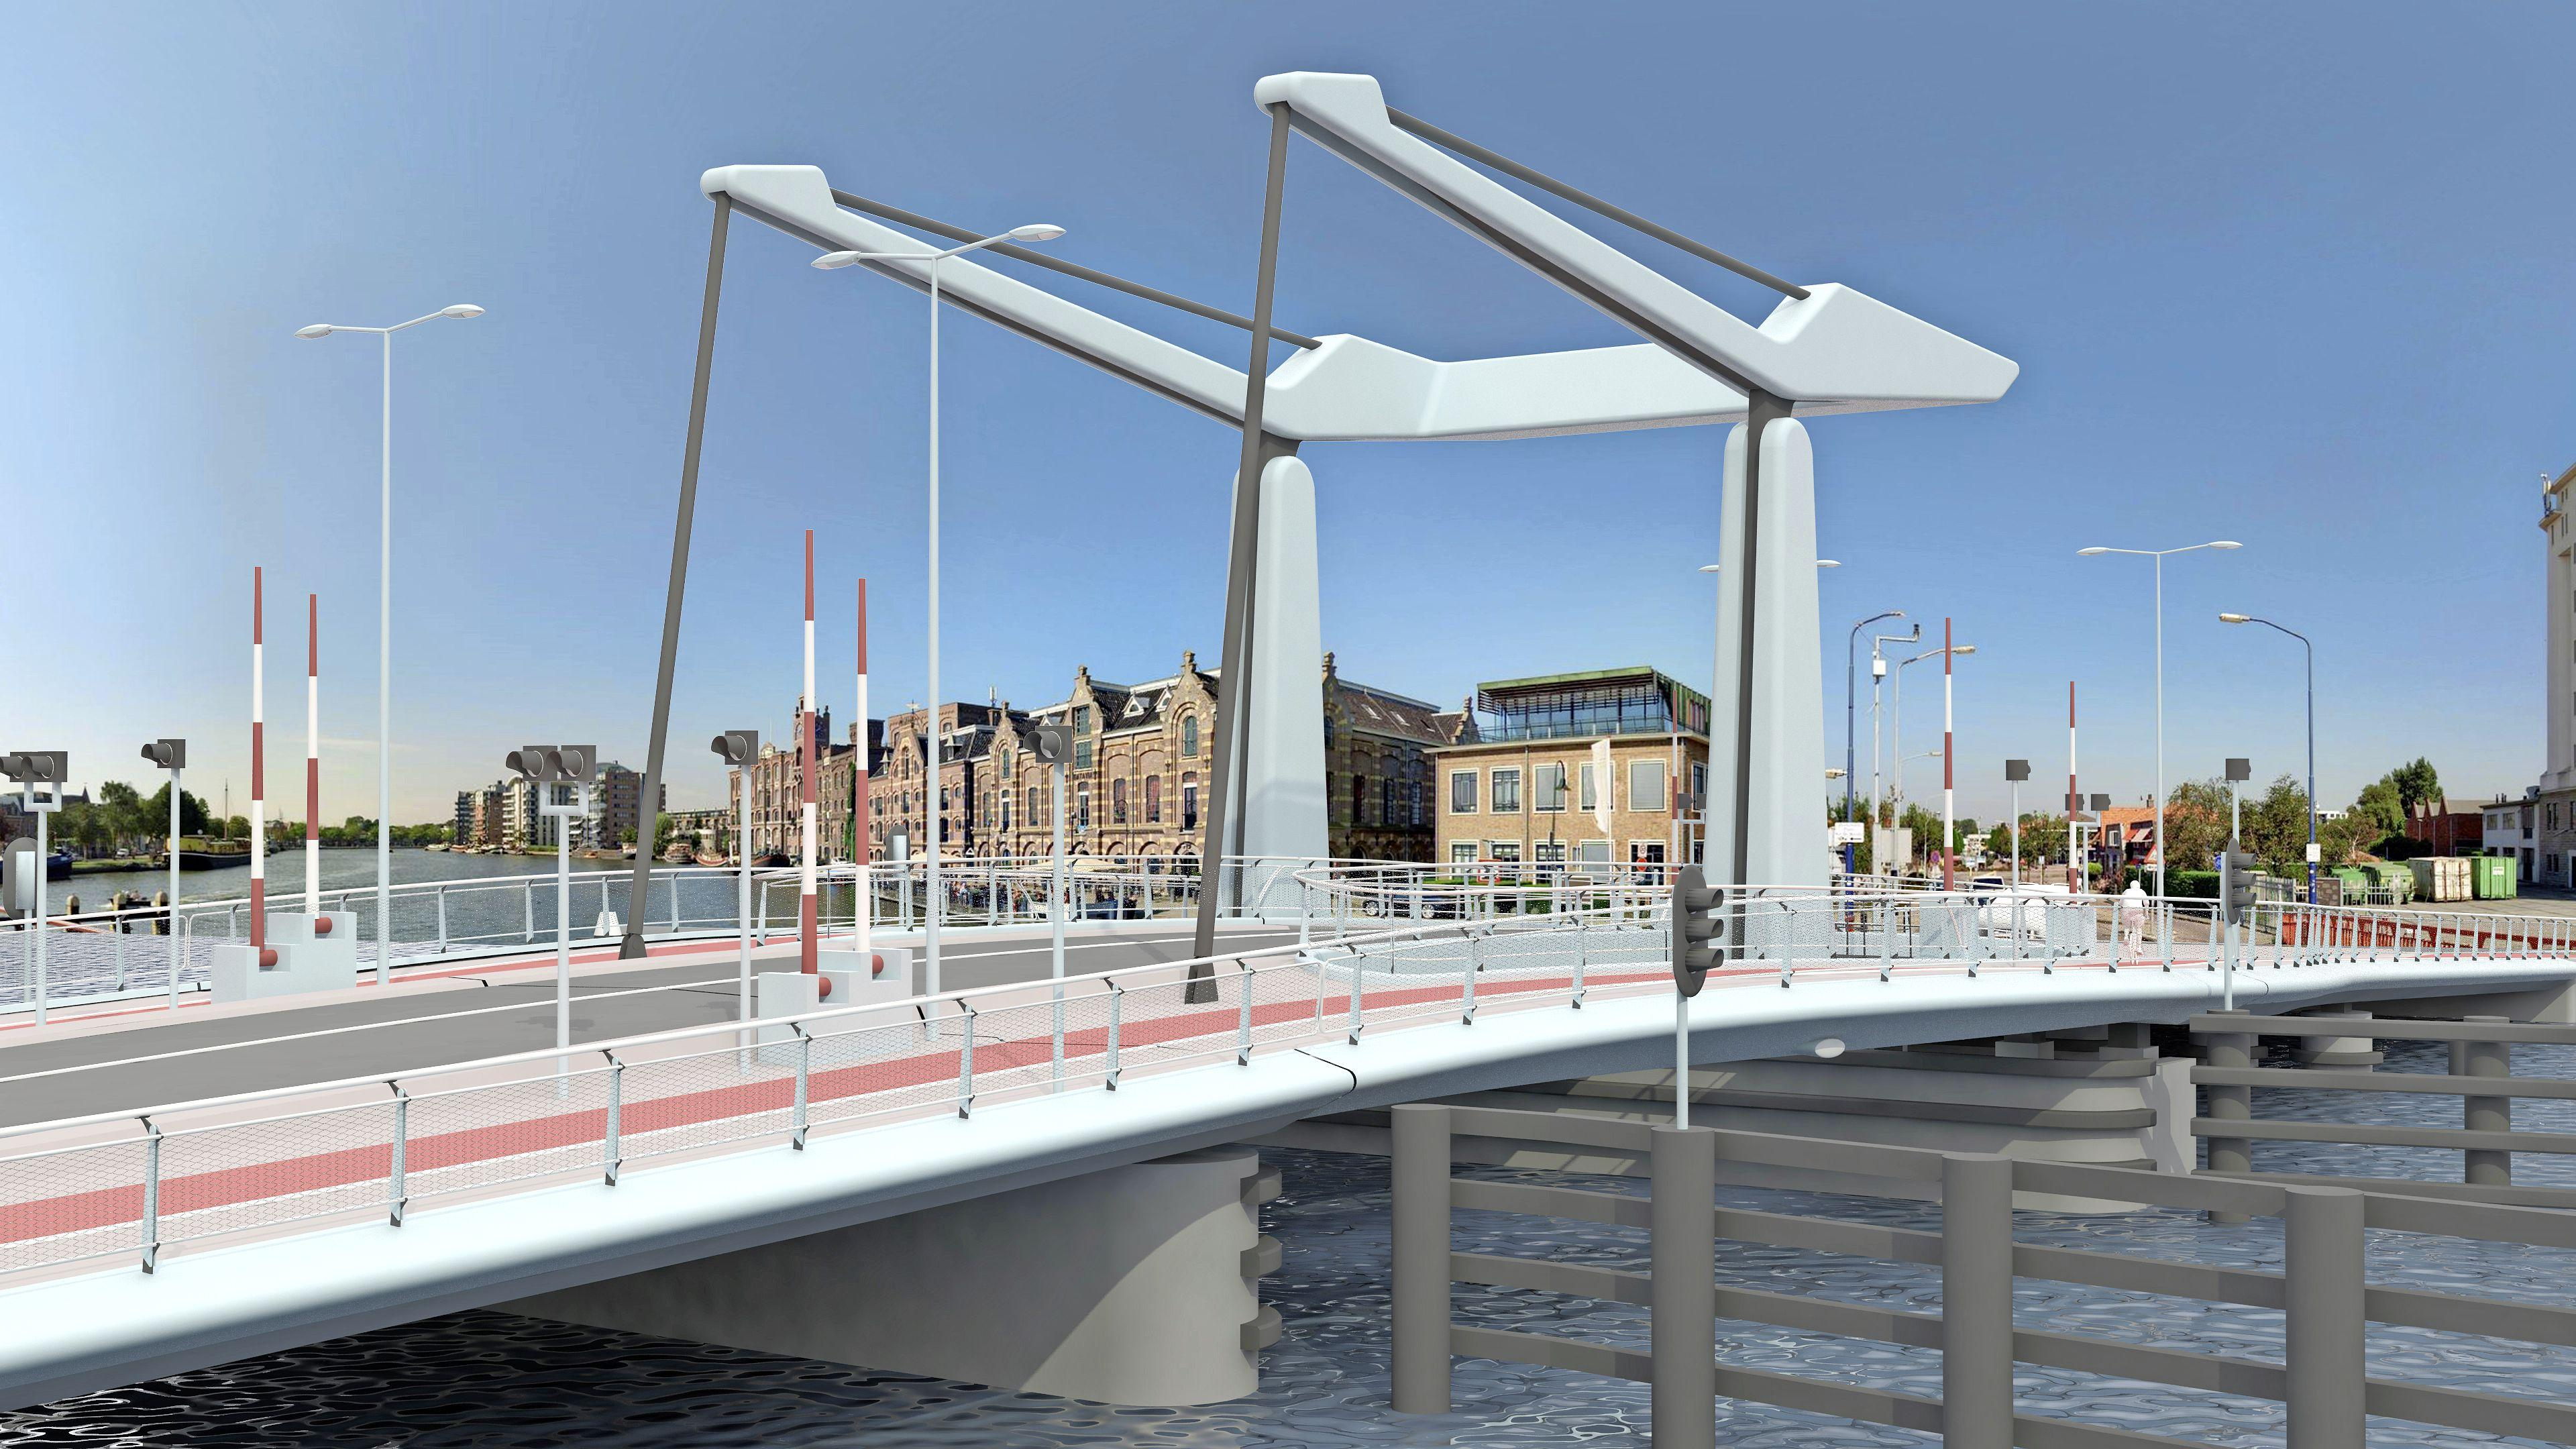 Meer verkeer en langer wachten voor noodbrug tussen Wormer en Wormerveer. Provincie onderzoekt of brug minder vaak open kan.